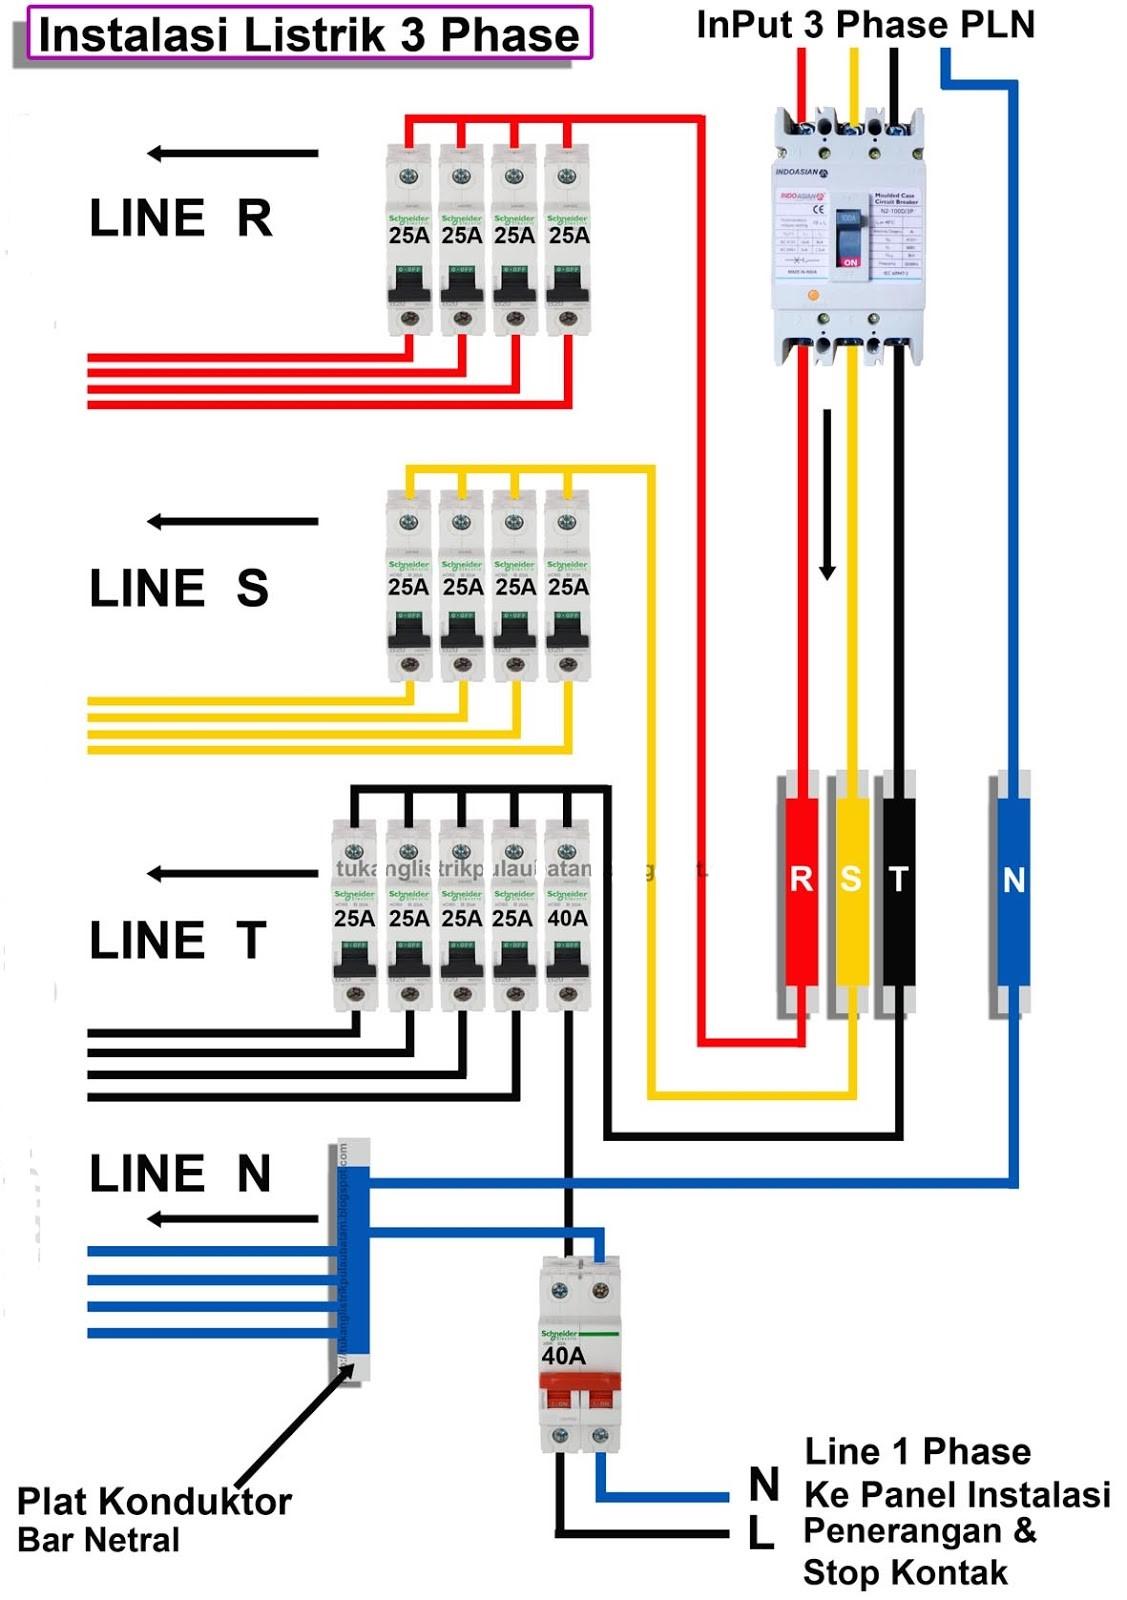 panel listrik 3 phase download tabel baja wiring diagram panel listrik 3 phase [ 1127 x 1600 Pixel ]